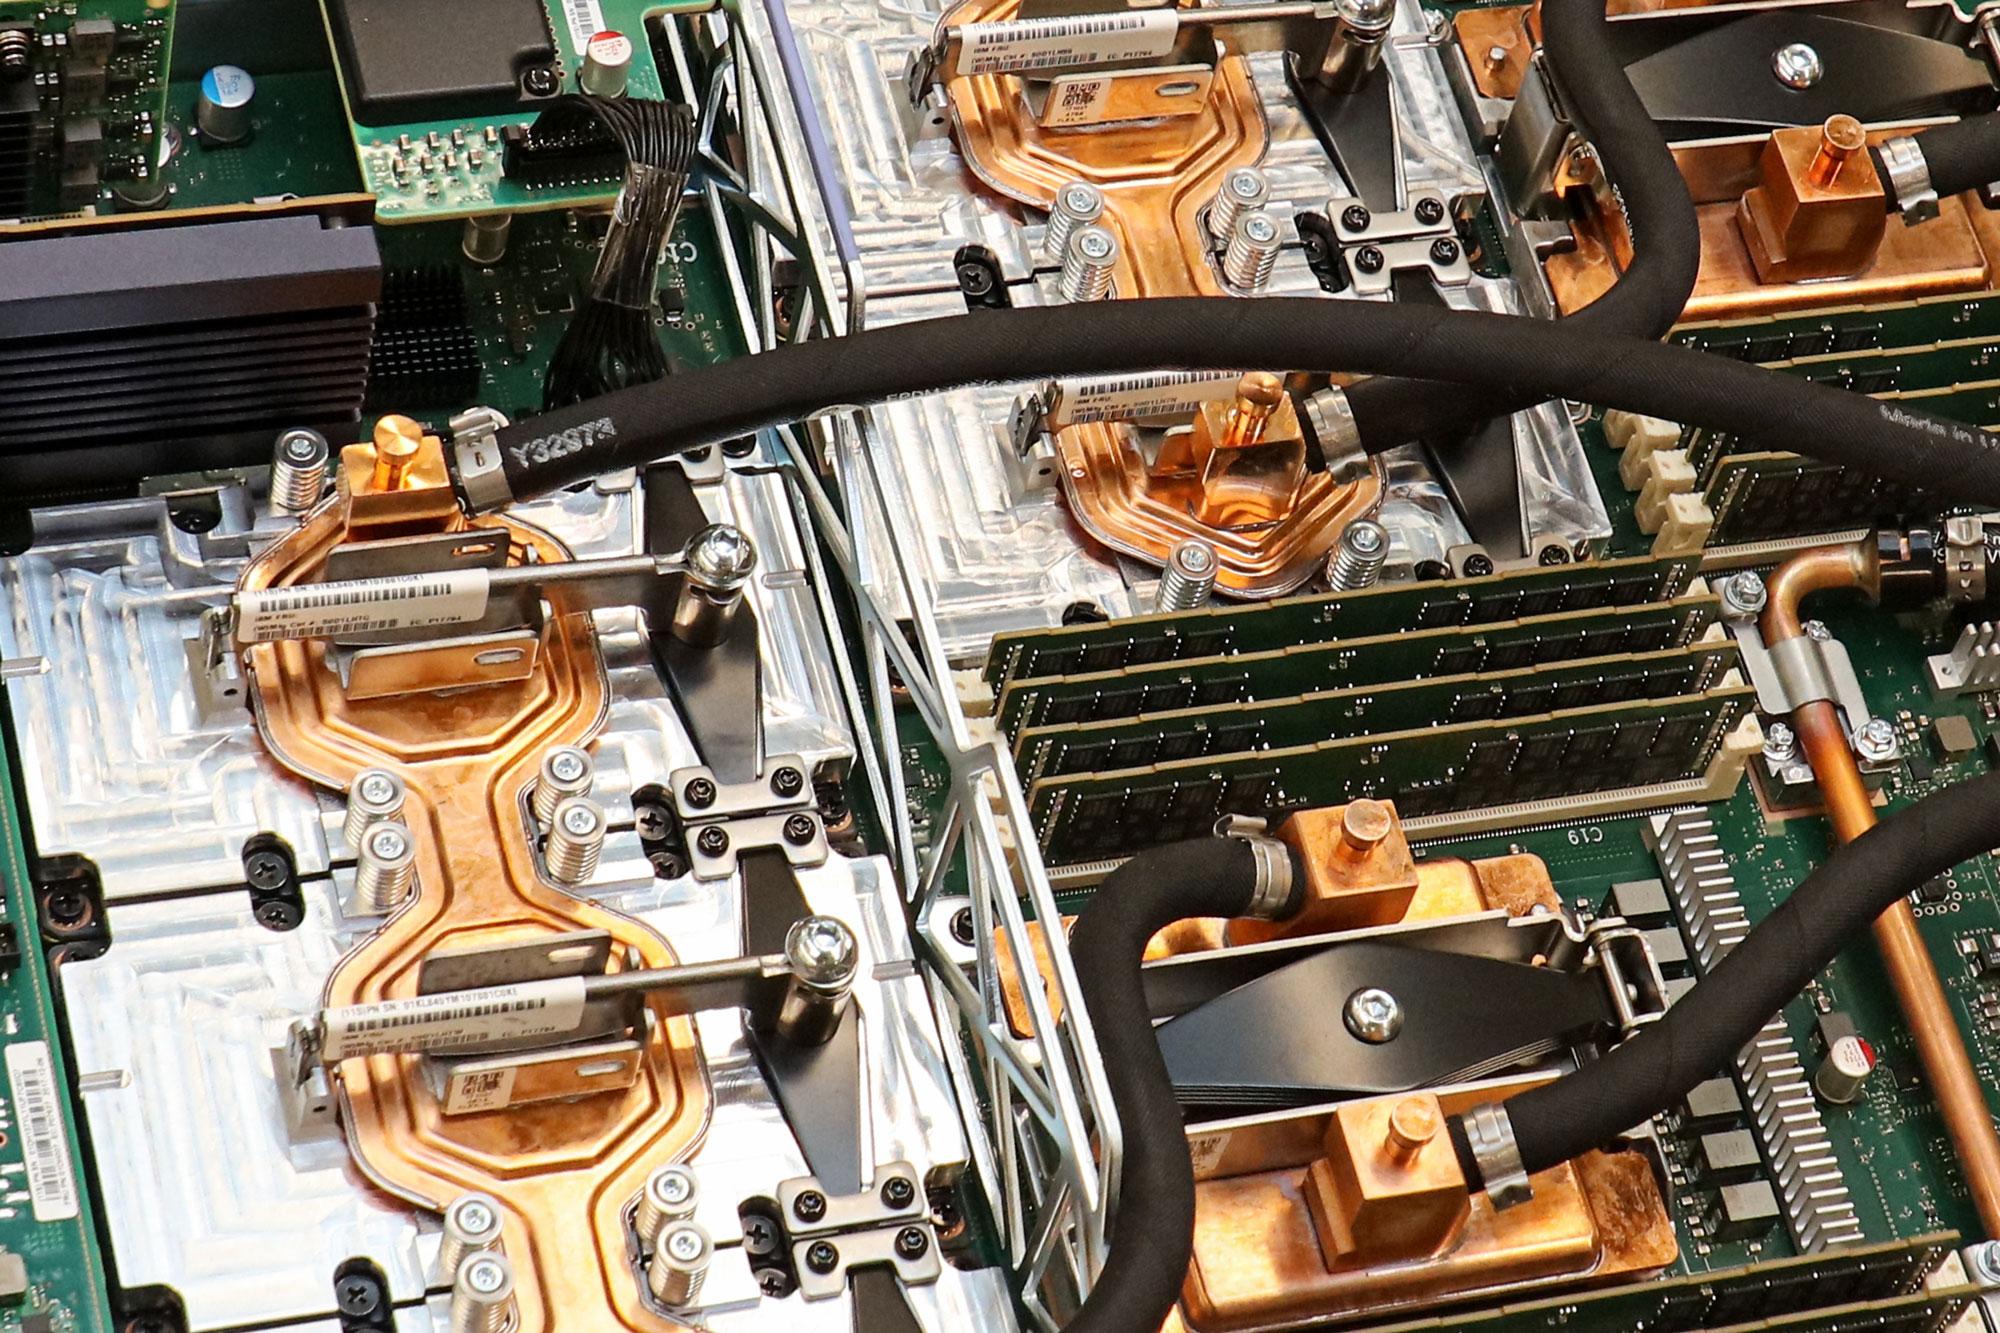 Nodo que contiene chips para la supercomputadora Summit.